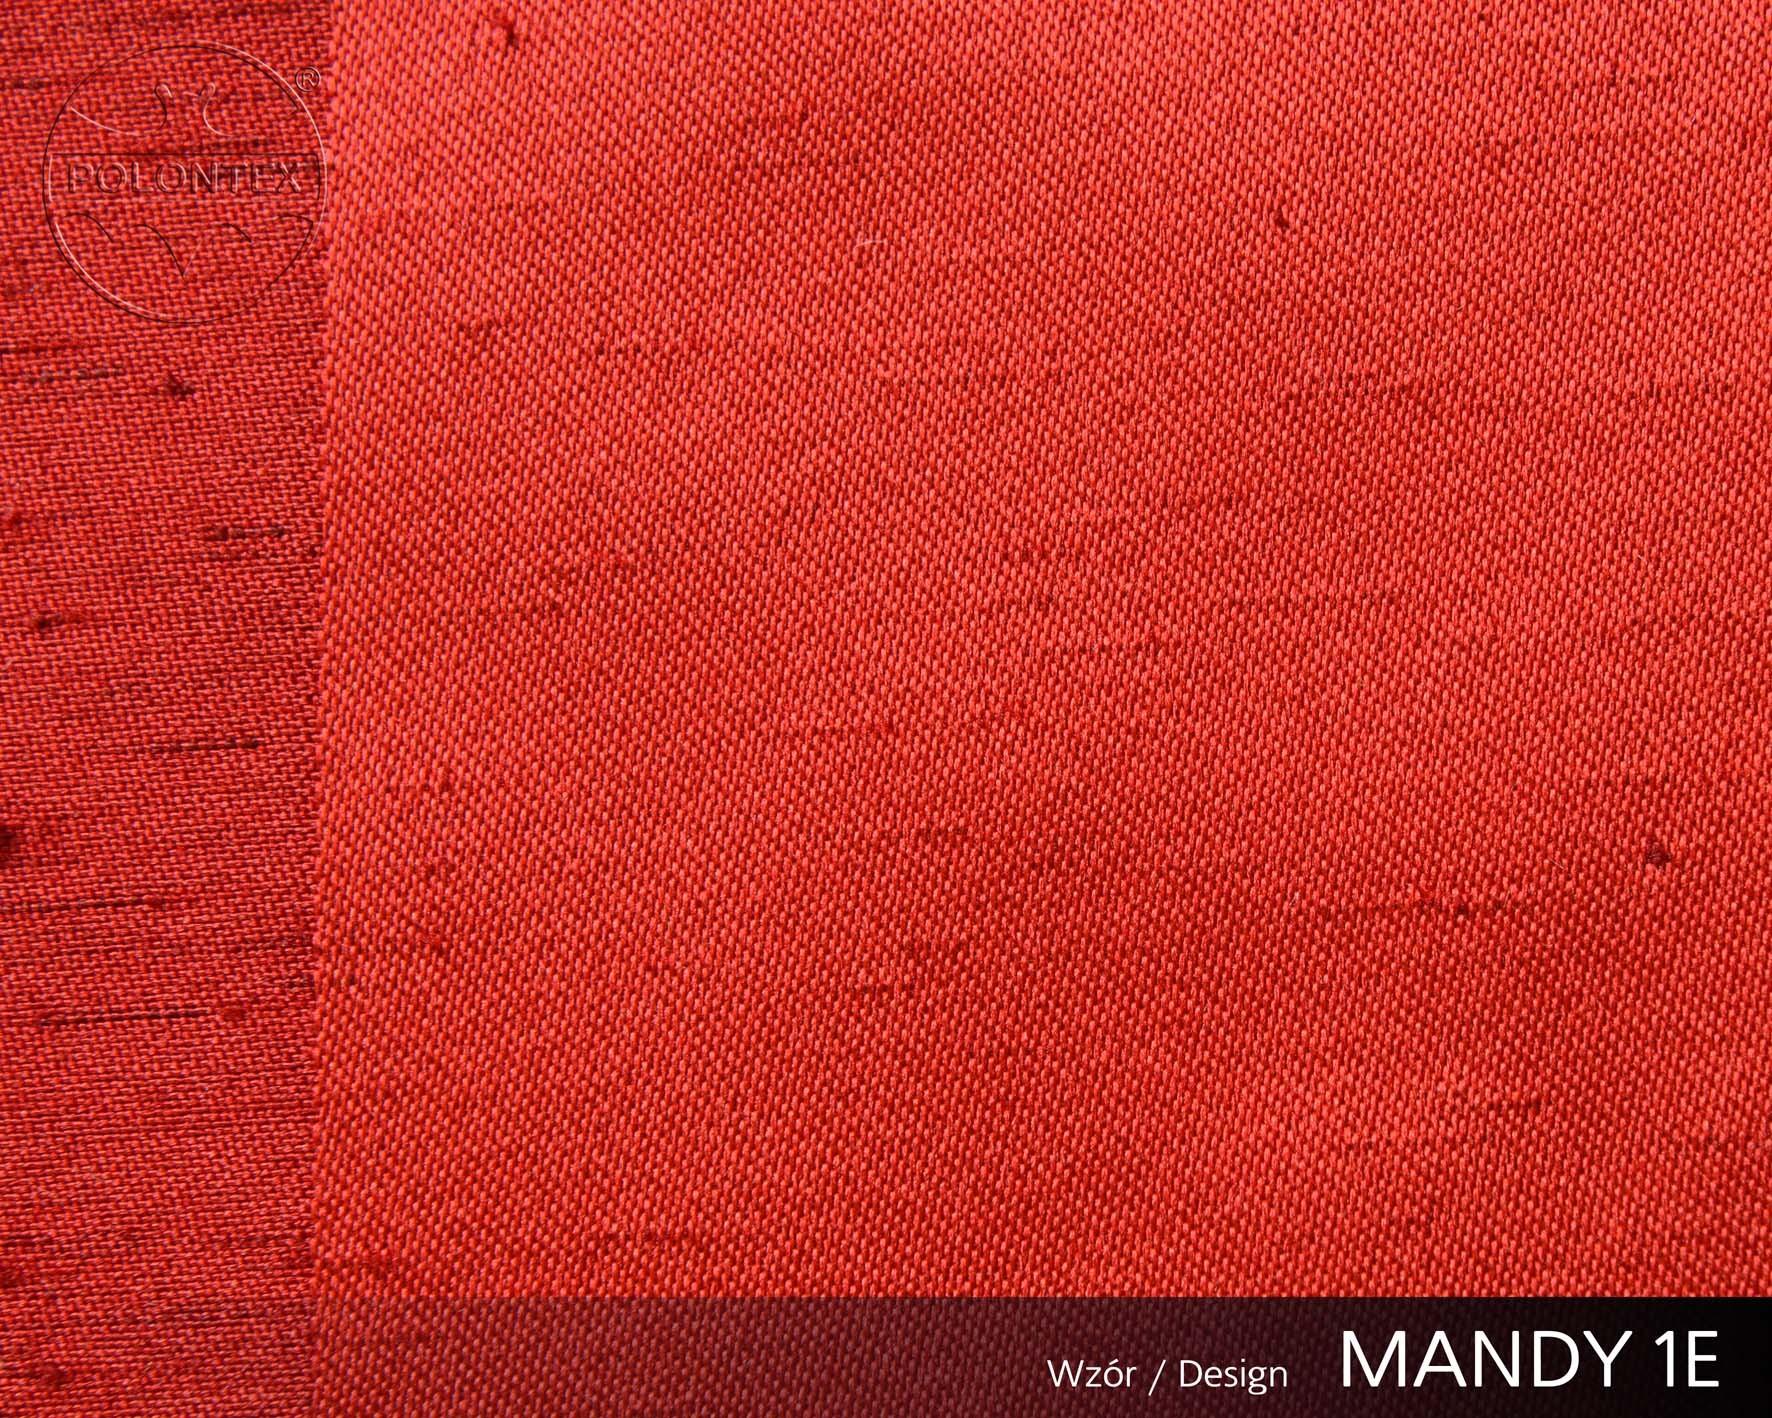 MANDY 1E 3382